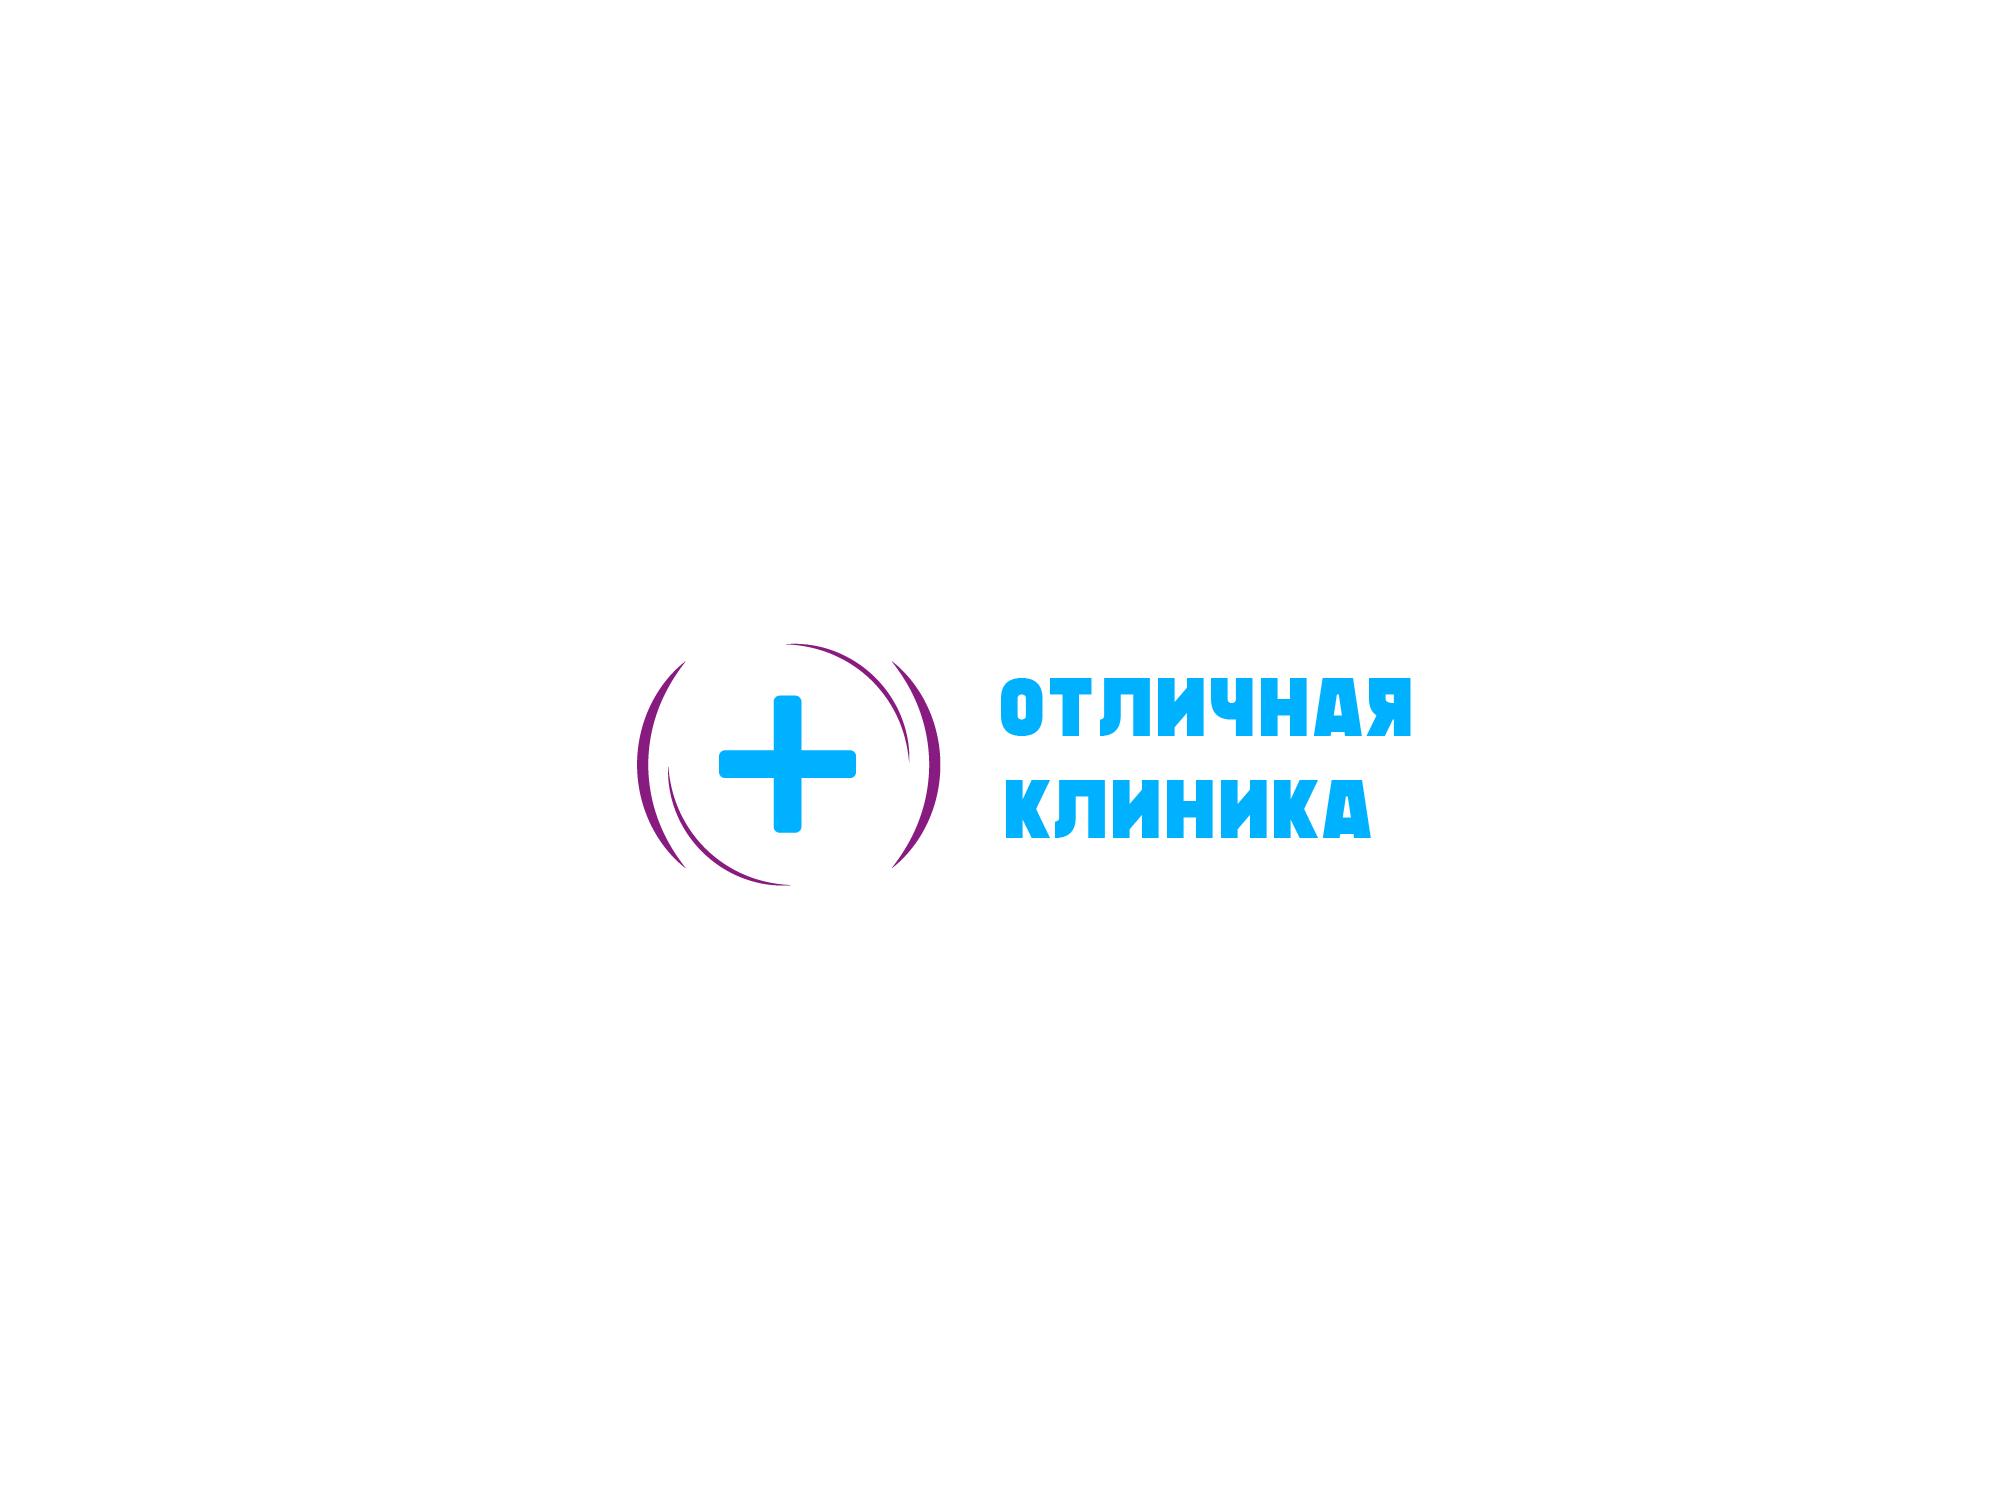 Логотип и фирменный стиль частной клиники фото f_9515c908cd70c18e.png